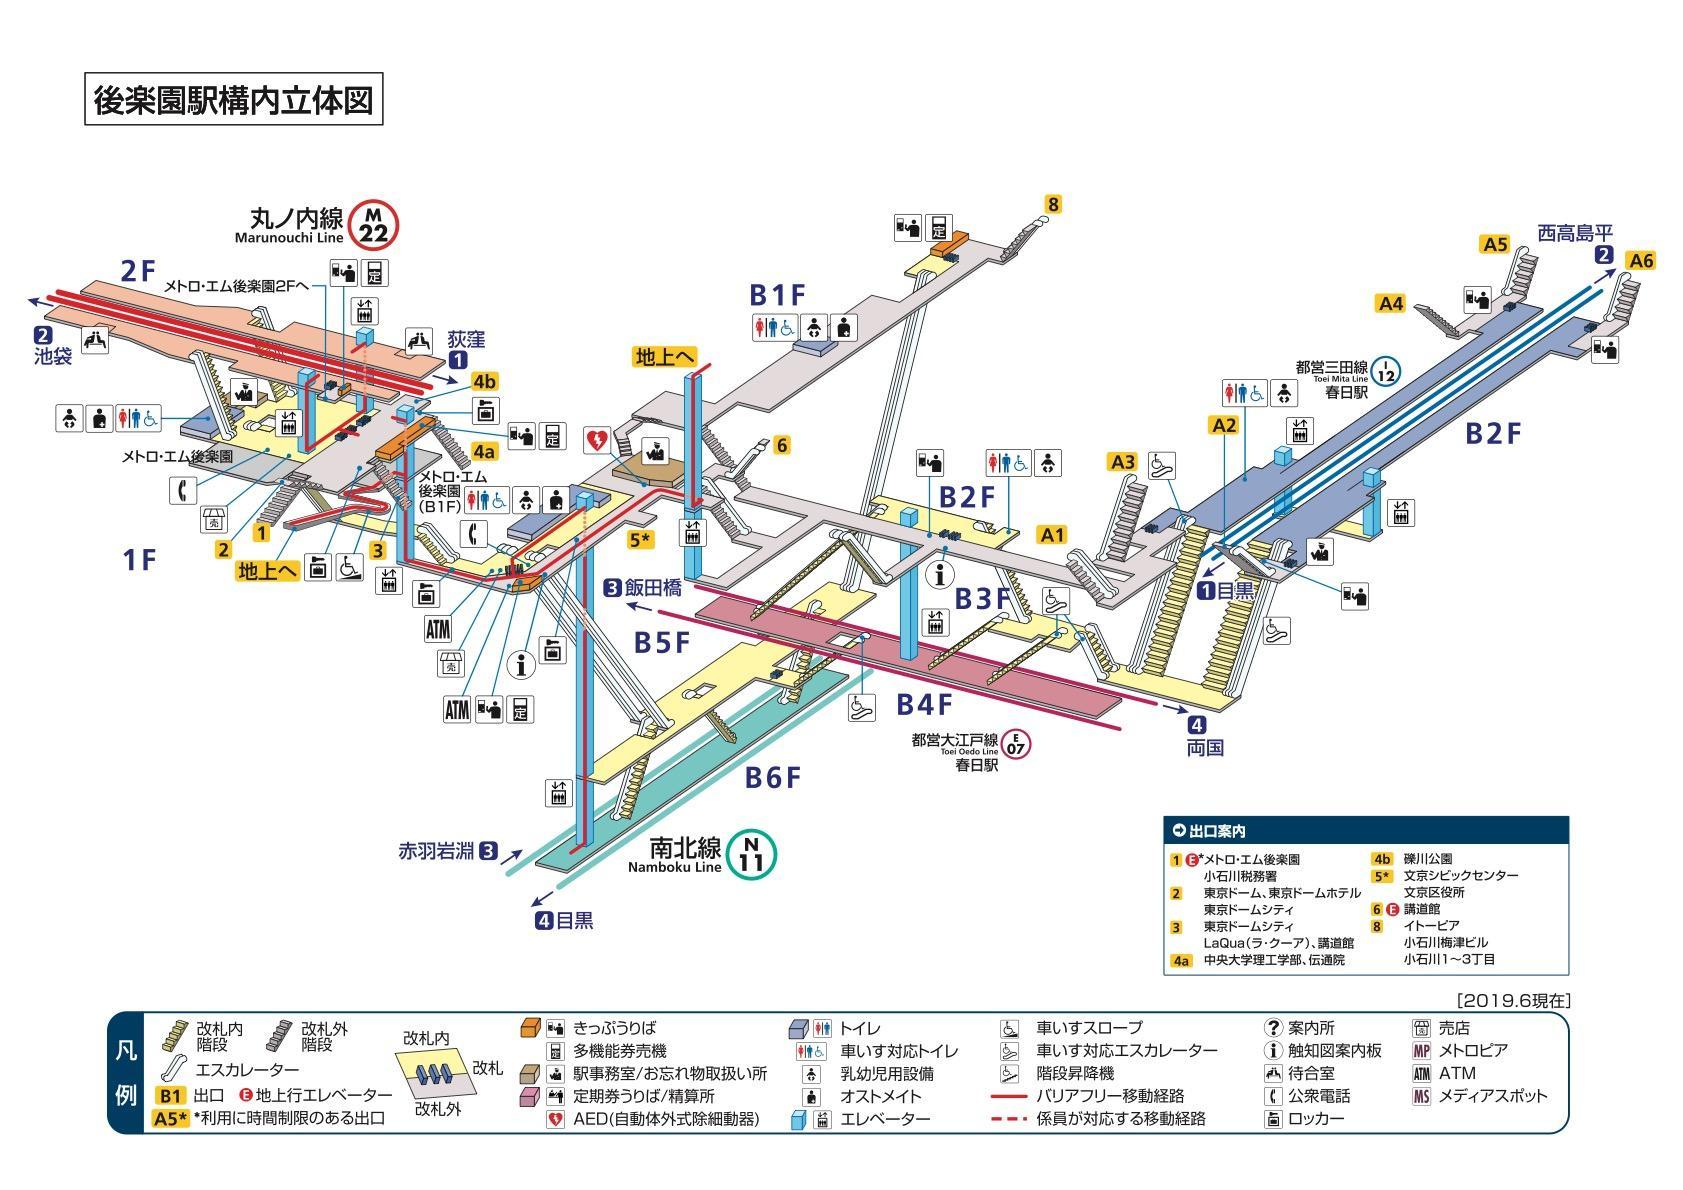 東京メトロ南北線の路線図 - NAVITIME